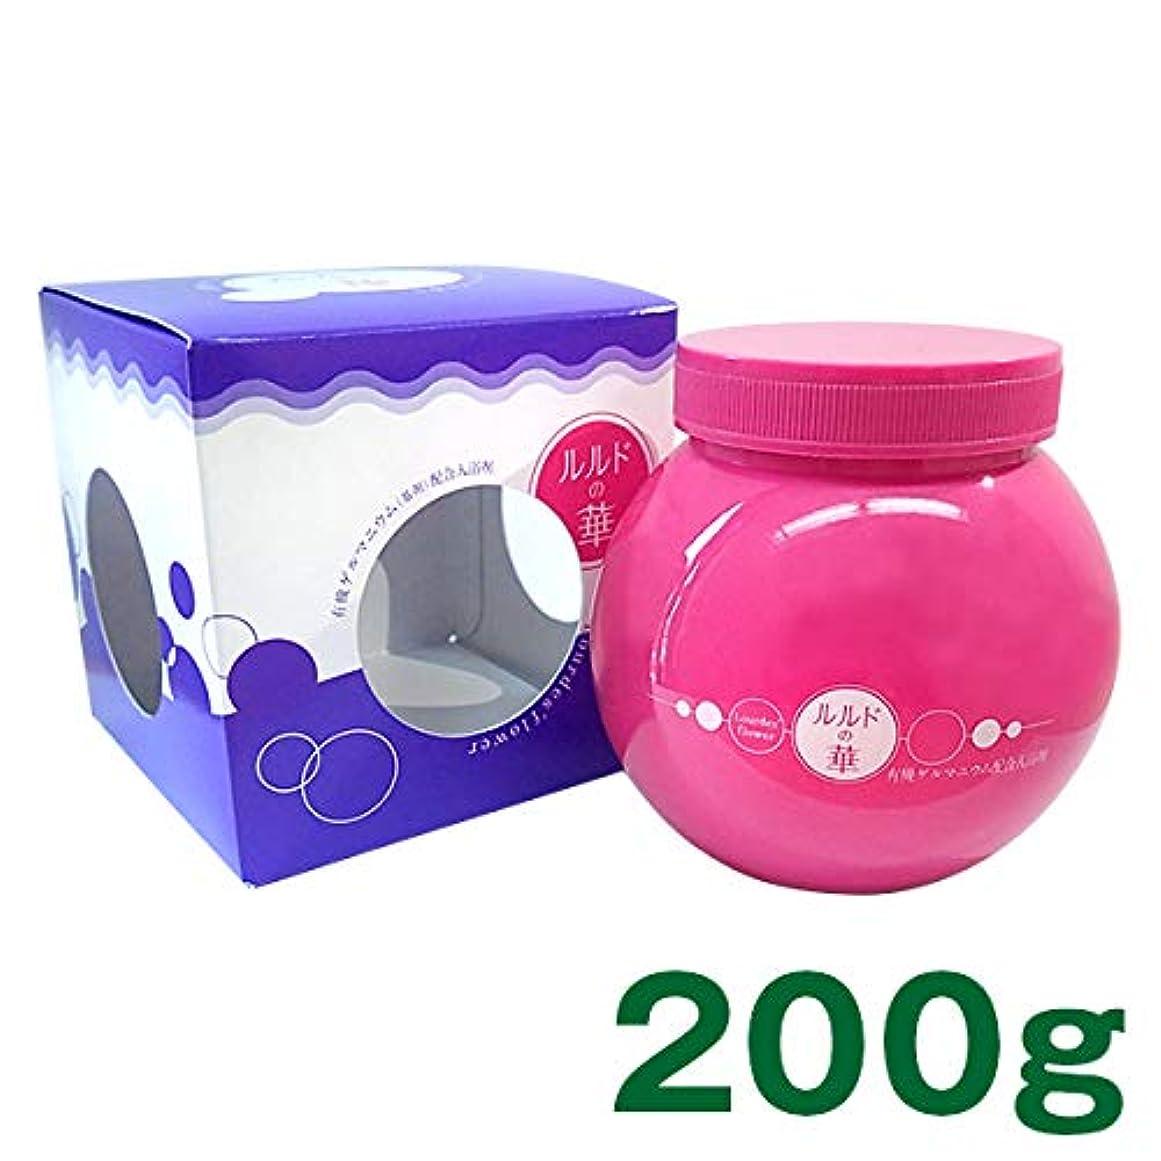 セラフ非武装化誕生日有機ゲルマニウム8.0%配合入浴剤【ルルドの華(ボトル)】200g